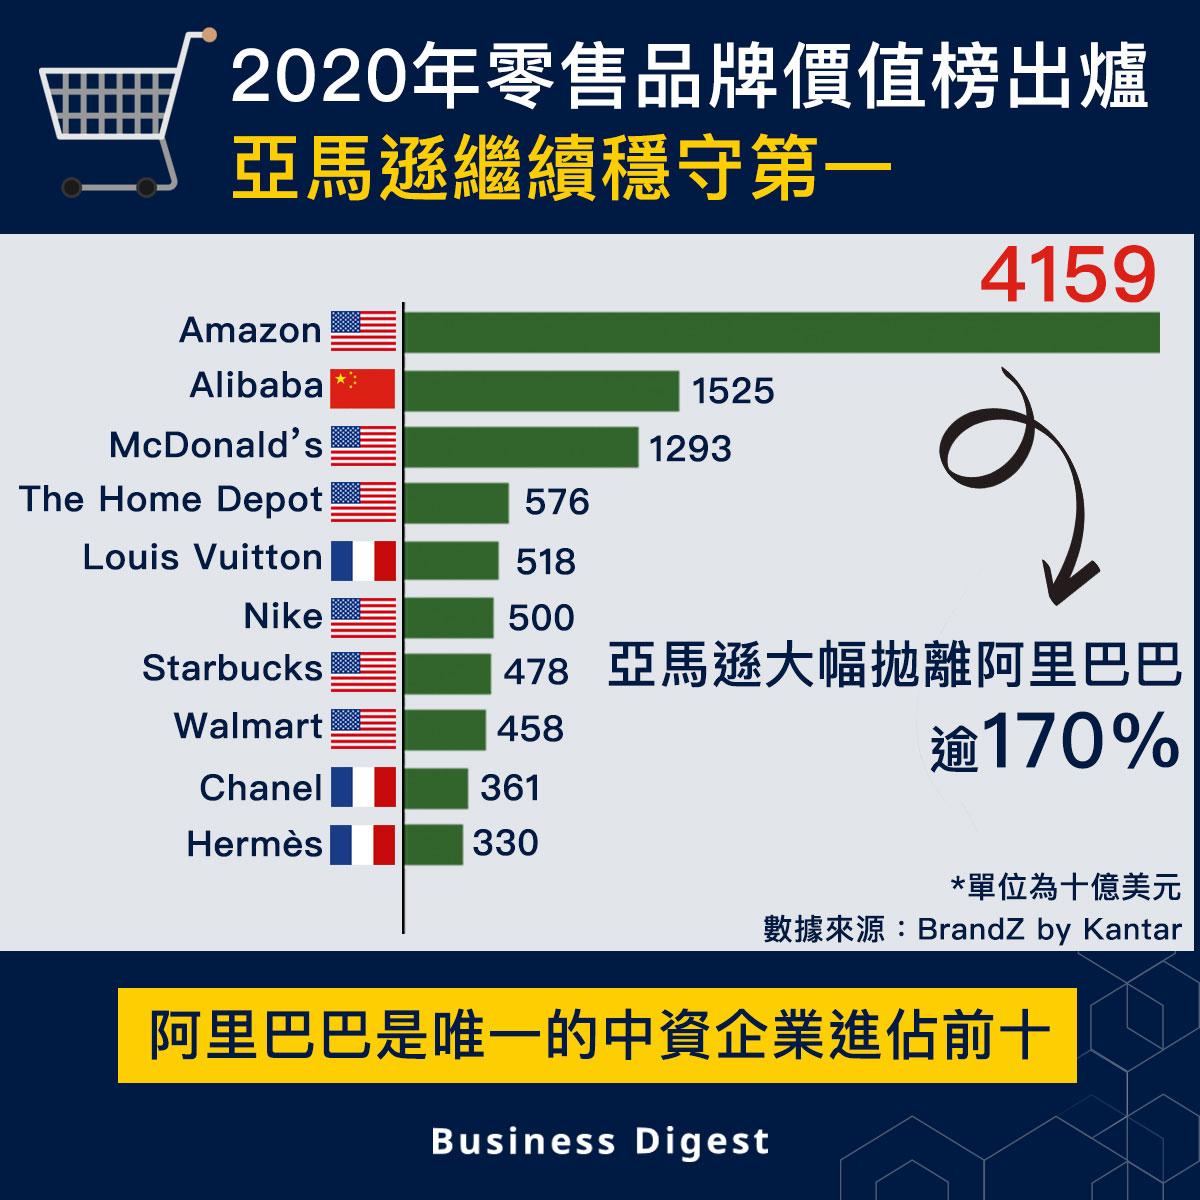 【從數據認識經濟】2020年零售品牌價值榜出爐,亞馬遜繼續穩守第一